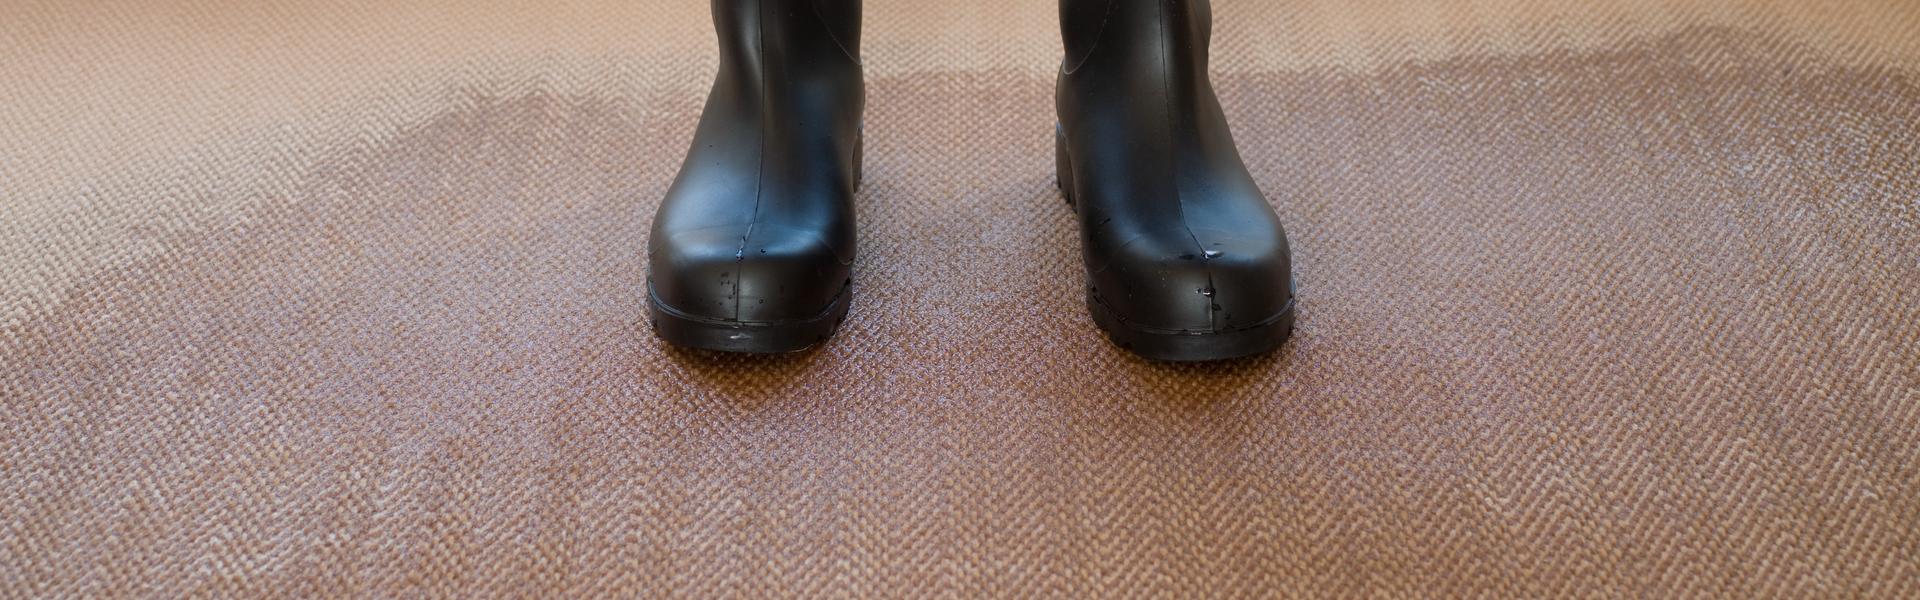 Hire Experts for Flood Damage Carpet Restoration